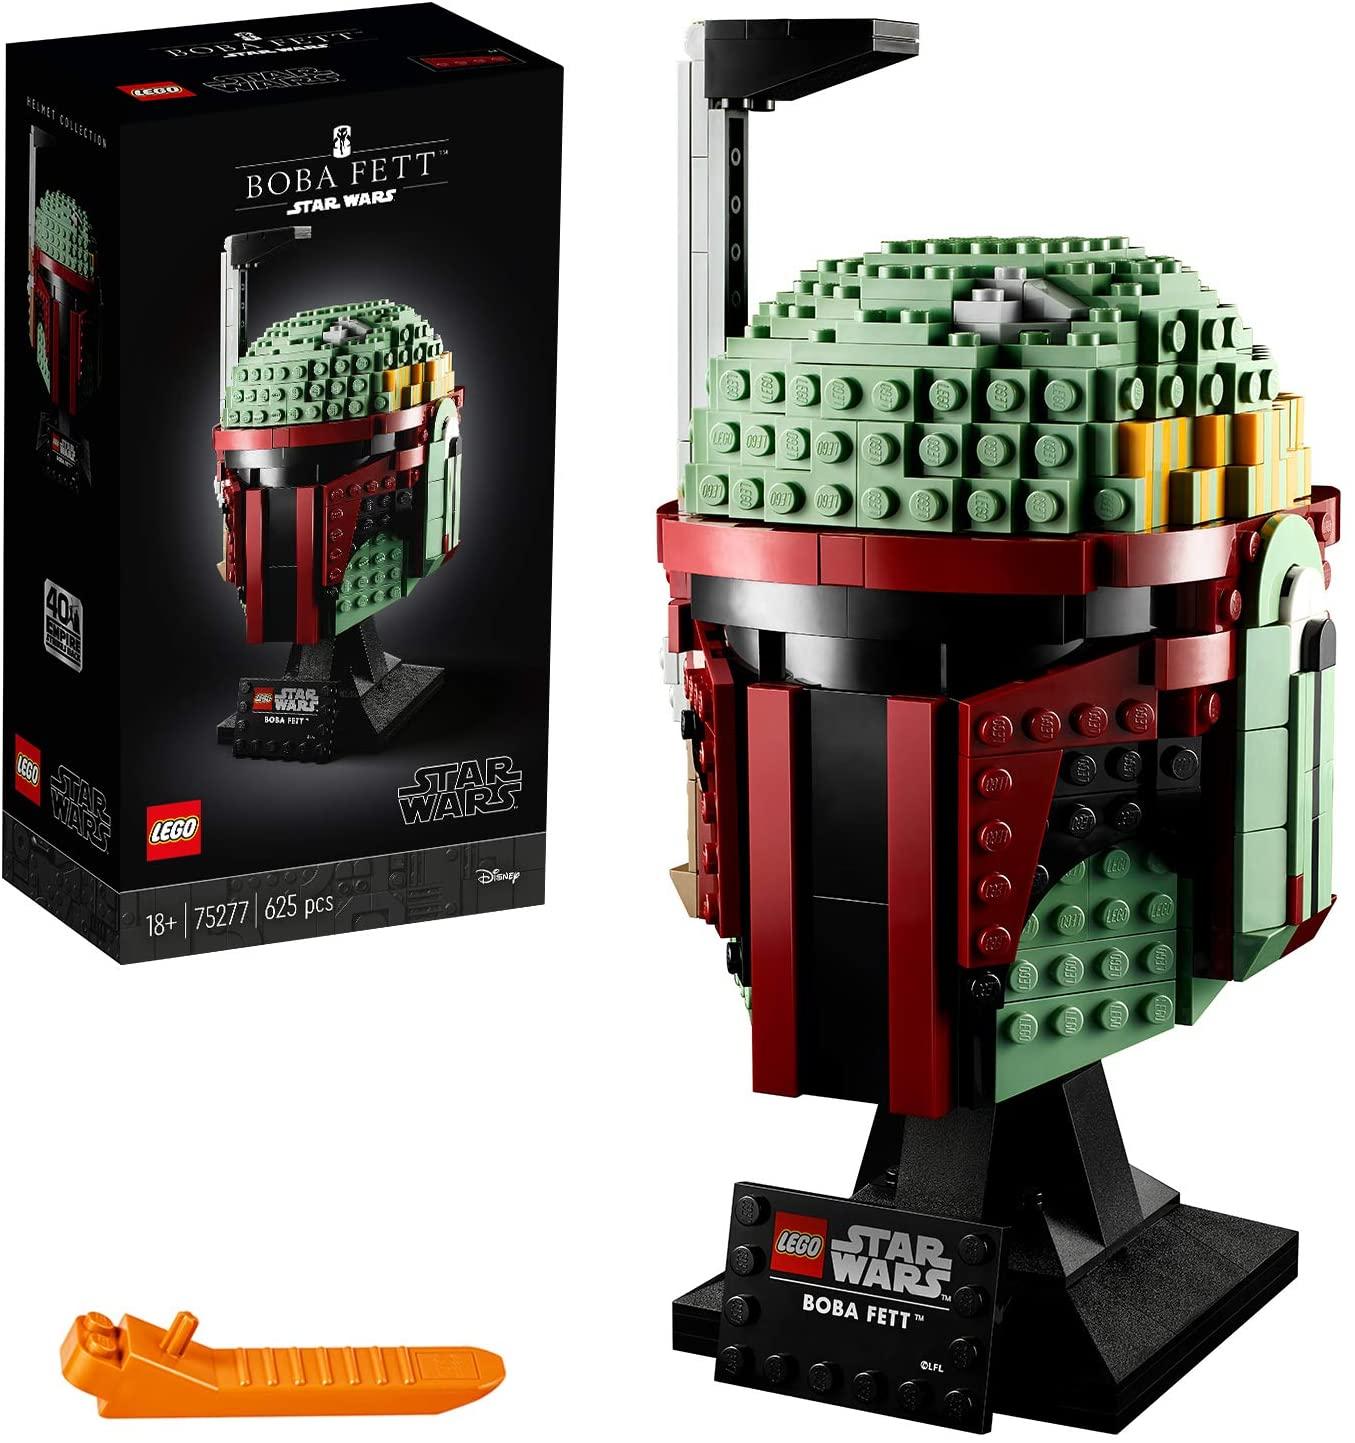 Sélection de jouets Lego Star Wars en promotion (via remise fidélité) - Ex : Le casque de Boba Fett 75276 (via 13,75€ en fidélité)